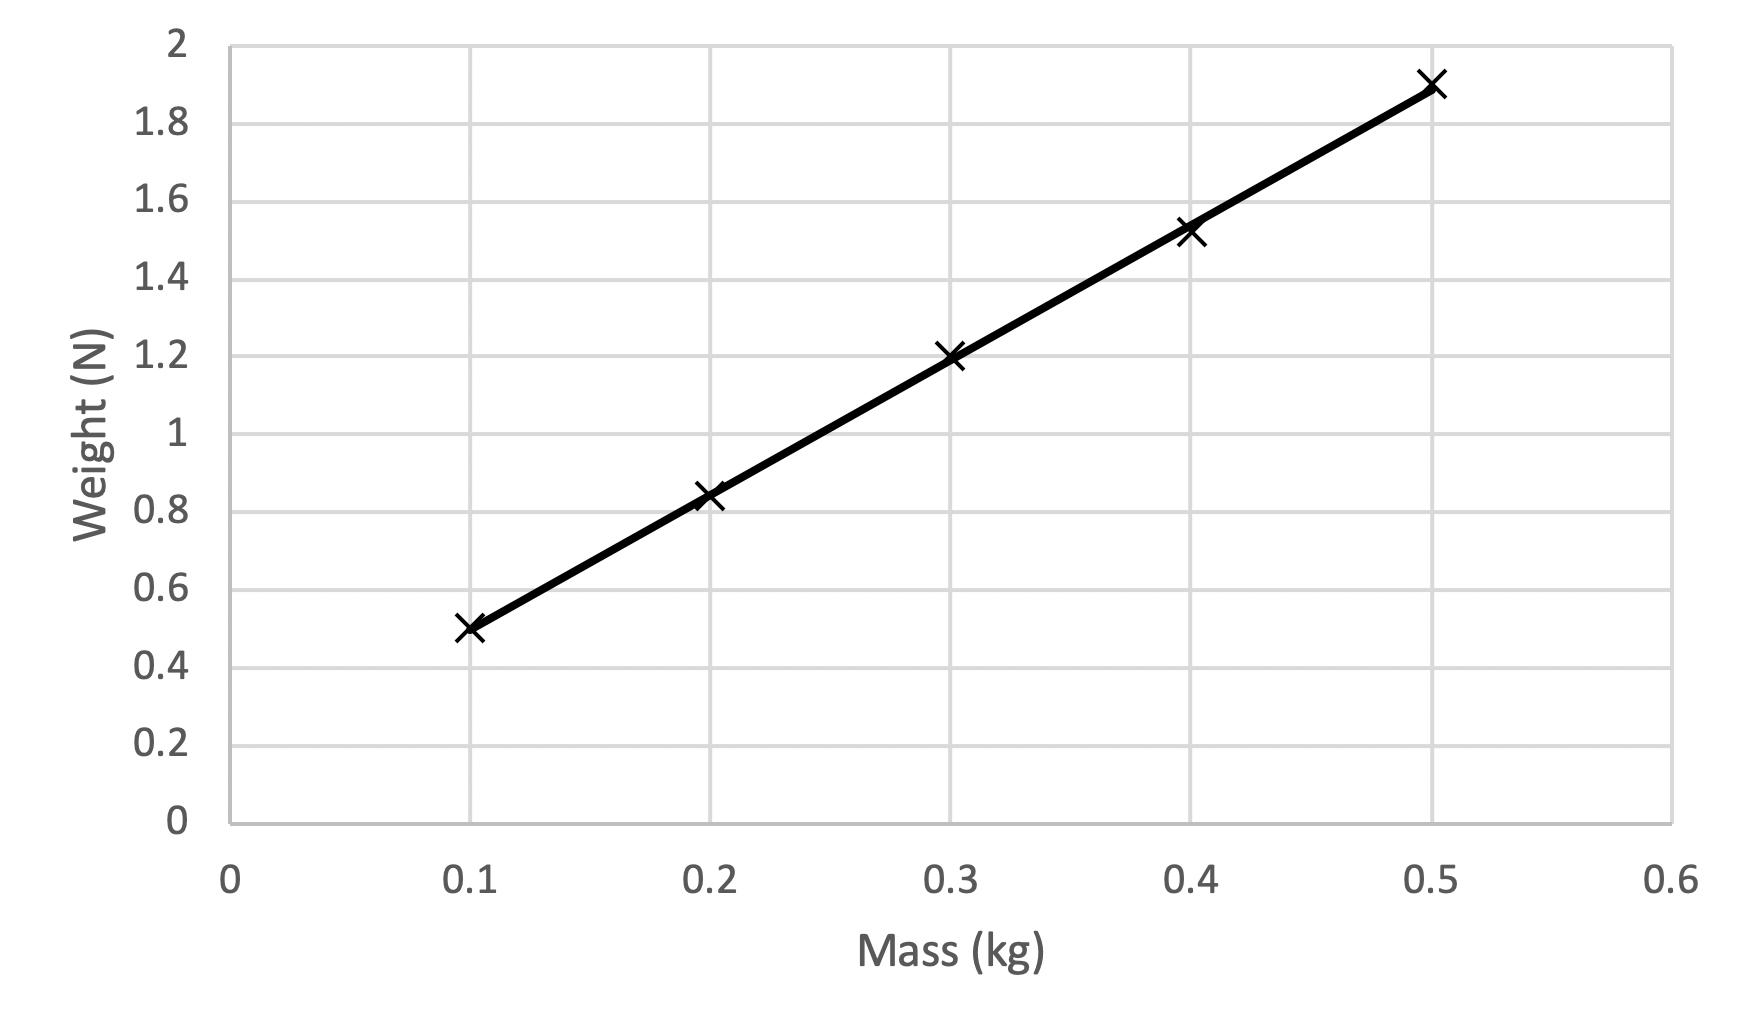 Graph of Weight vs Mass